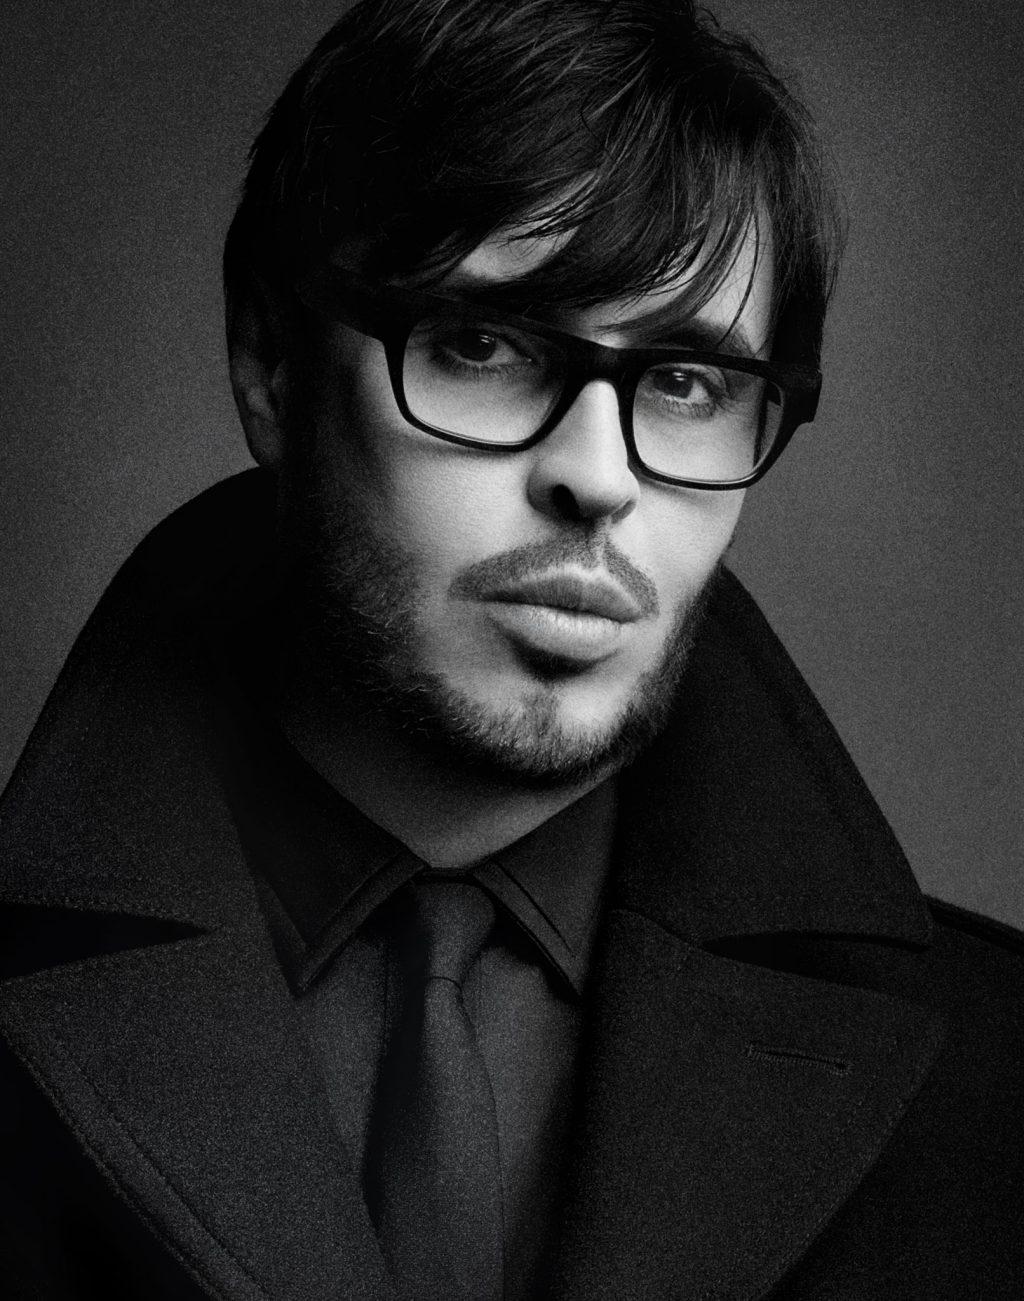 Chuyên gia trang điểm François Nars đồng thời là nhà sáng lập thương hiệu mỹ phẫm NARS